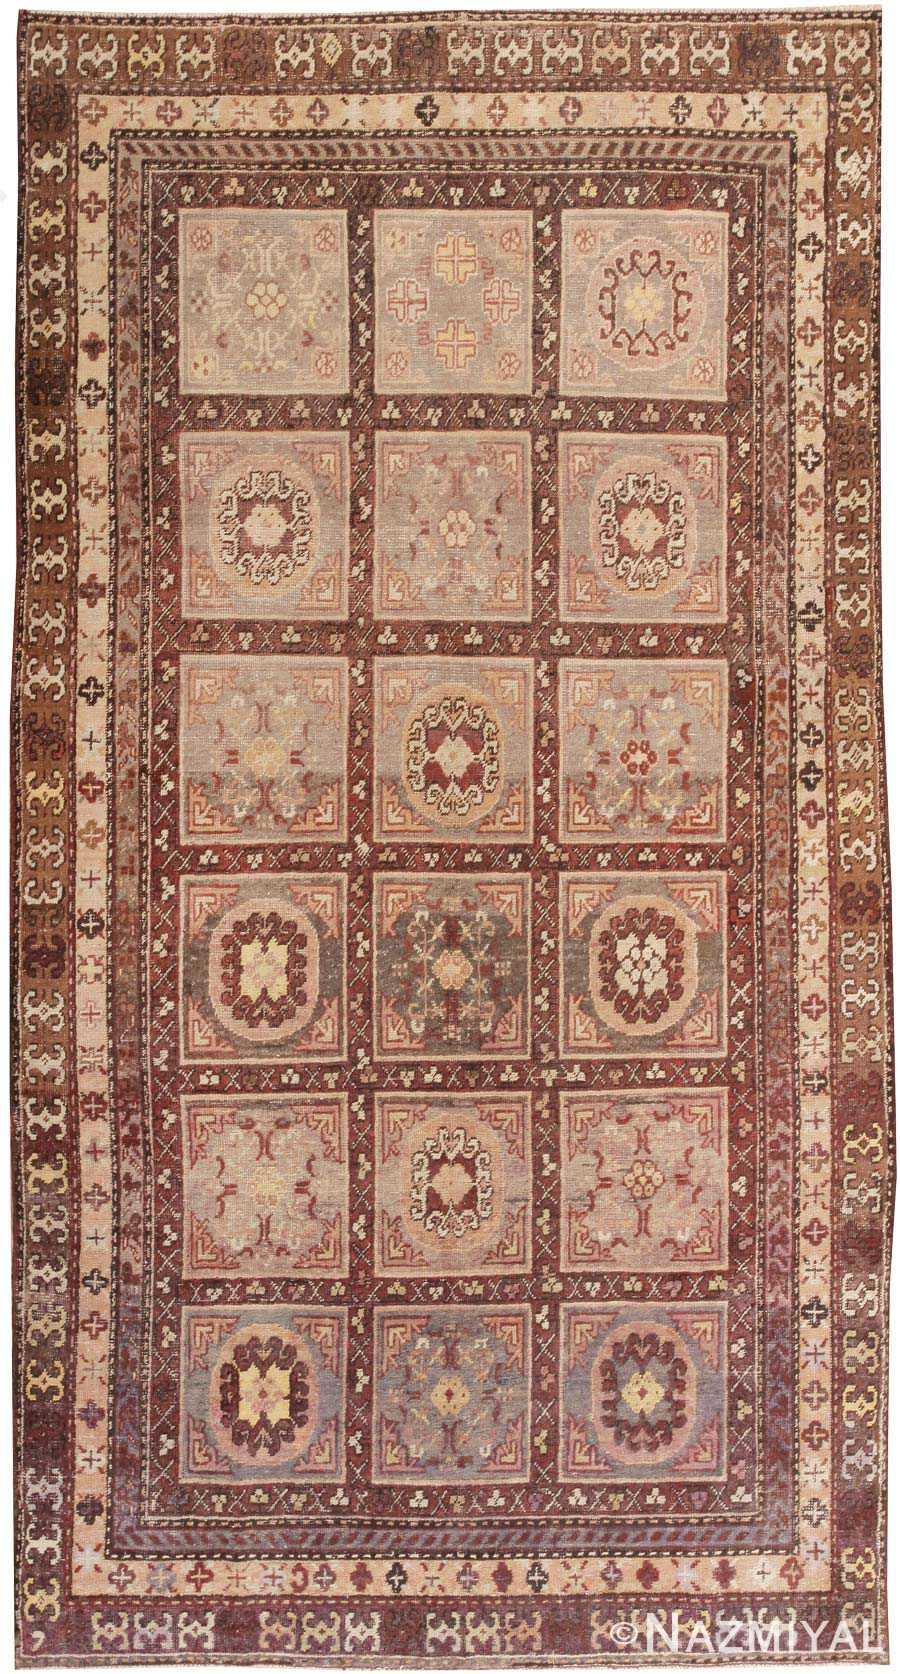 Oriental Garden Design Antique Khotan Rug 44543 By Nazmiyal Rugs